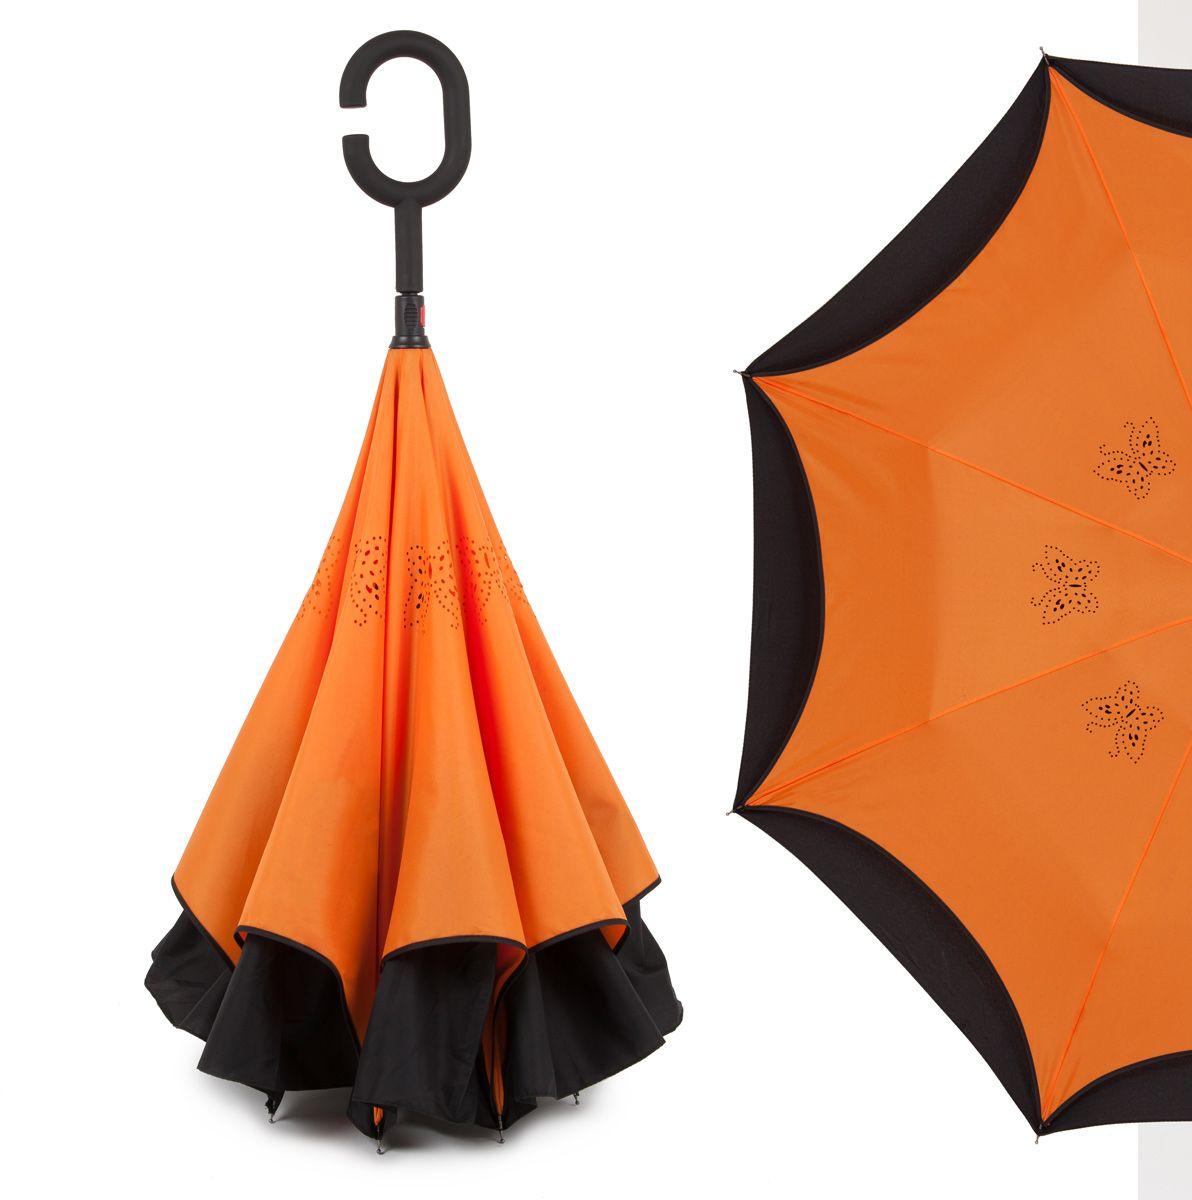 Зонт-трость женский Flioraj, механика, цвет: оранжевый. 120001 FJ120001 FJОригинальный зонт-трость Flioraj надежно защитит вас от дождя. Зонт складывается внутренней (сухой) стороной наружу, избавляя владельца от контакта с мокрой поверхностью. Приходя в незнакомое место у Вас не будет неловкого момента от того, что некуда убрать мокрый зонт - Вы сможете спокойно высушить его позже, закончив свои дела. Зонт Miracle очень удобен для автомобилистов: садясь в машину, Вы аккуратно закрываете зонт, не уронив ни одной капли воды в салоне. Удобная ручка с гипоаллергенным покрытием Soft-Touch позволяет высвободить обе руки - Вы спокойно можете пользоваться телефоном, а зонт будет надежно держаться на Вашем запястье, защищая от капризов природы. Яркая расцветка и рисунок по внутренней части зонта поднимут Вам настроение! С таким зонтом больше ничто не испортит Ваших планов!